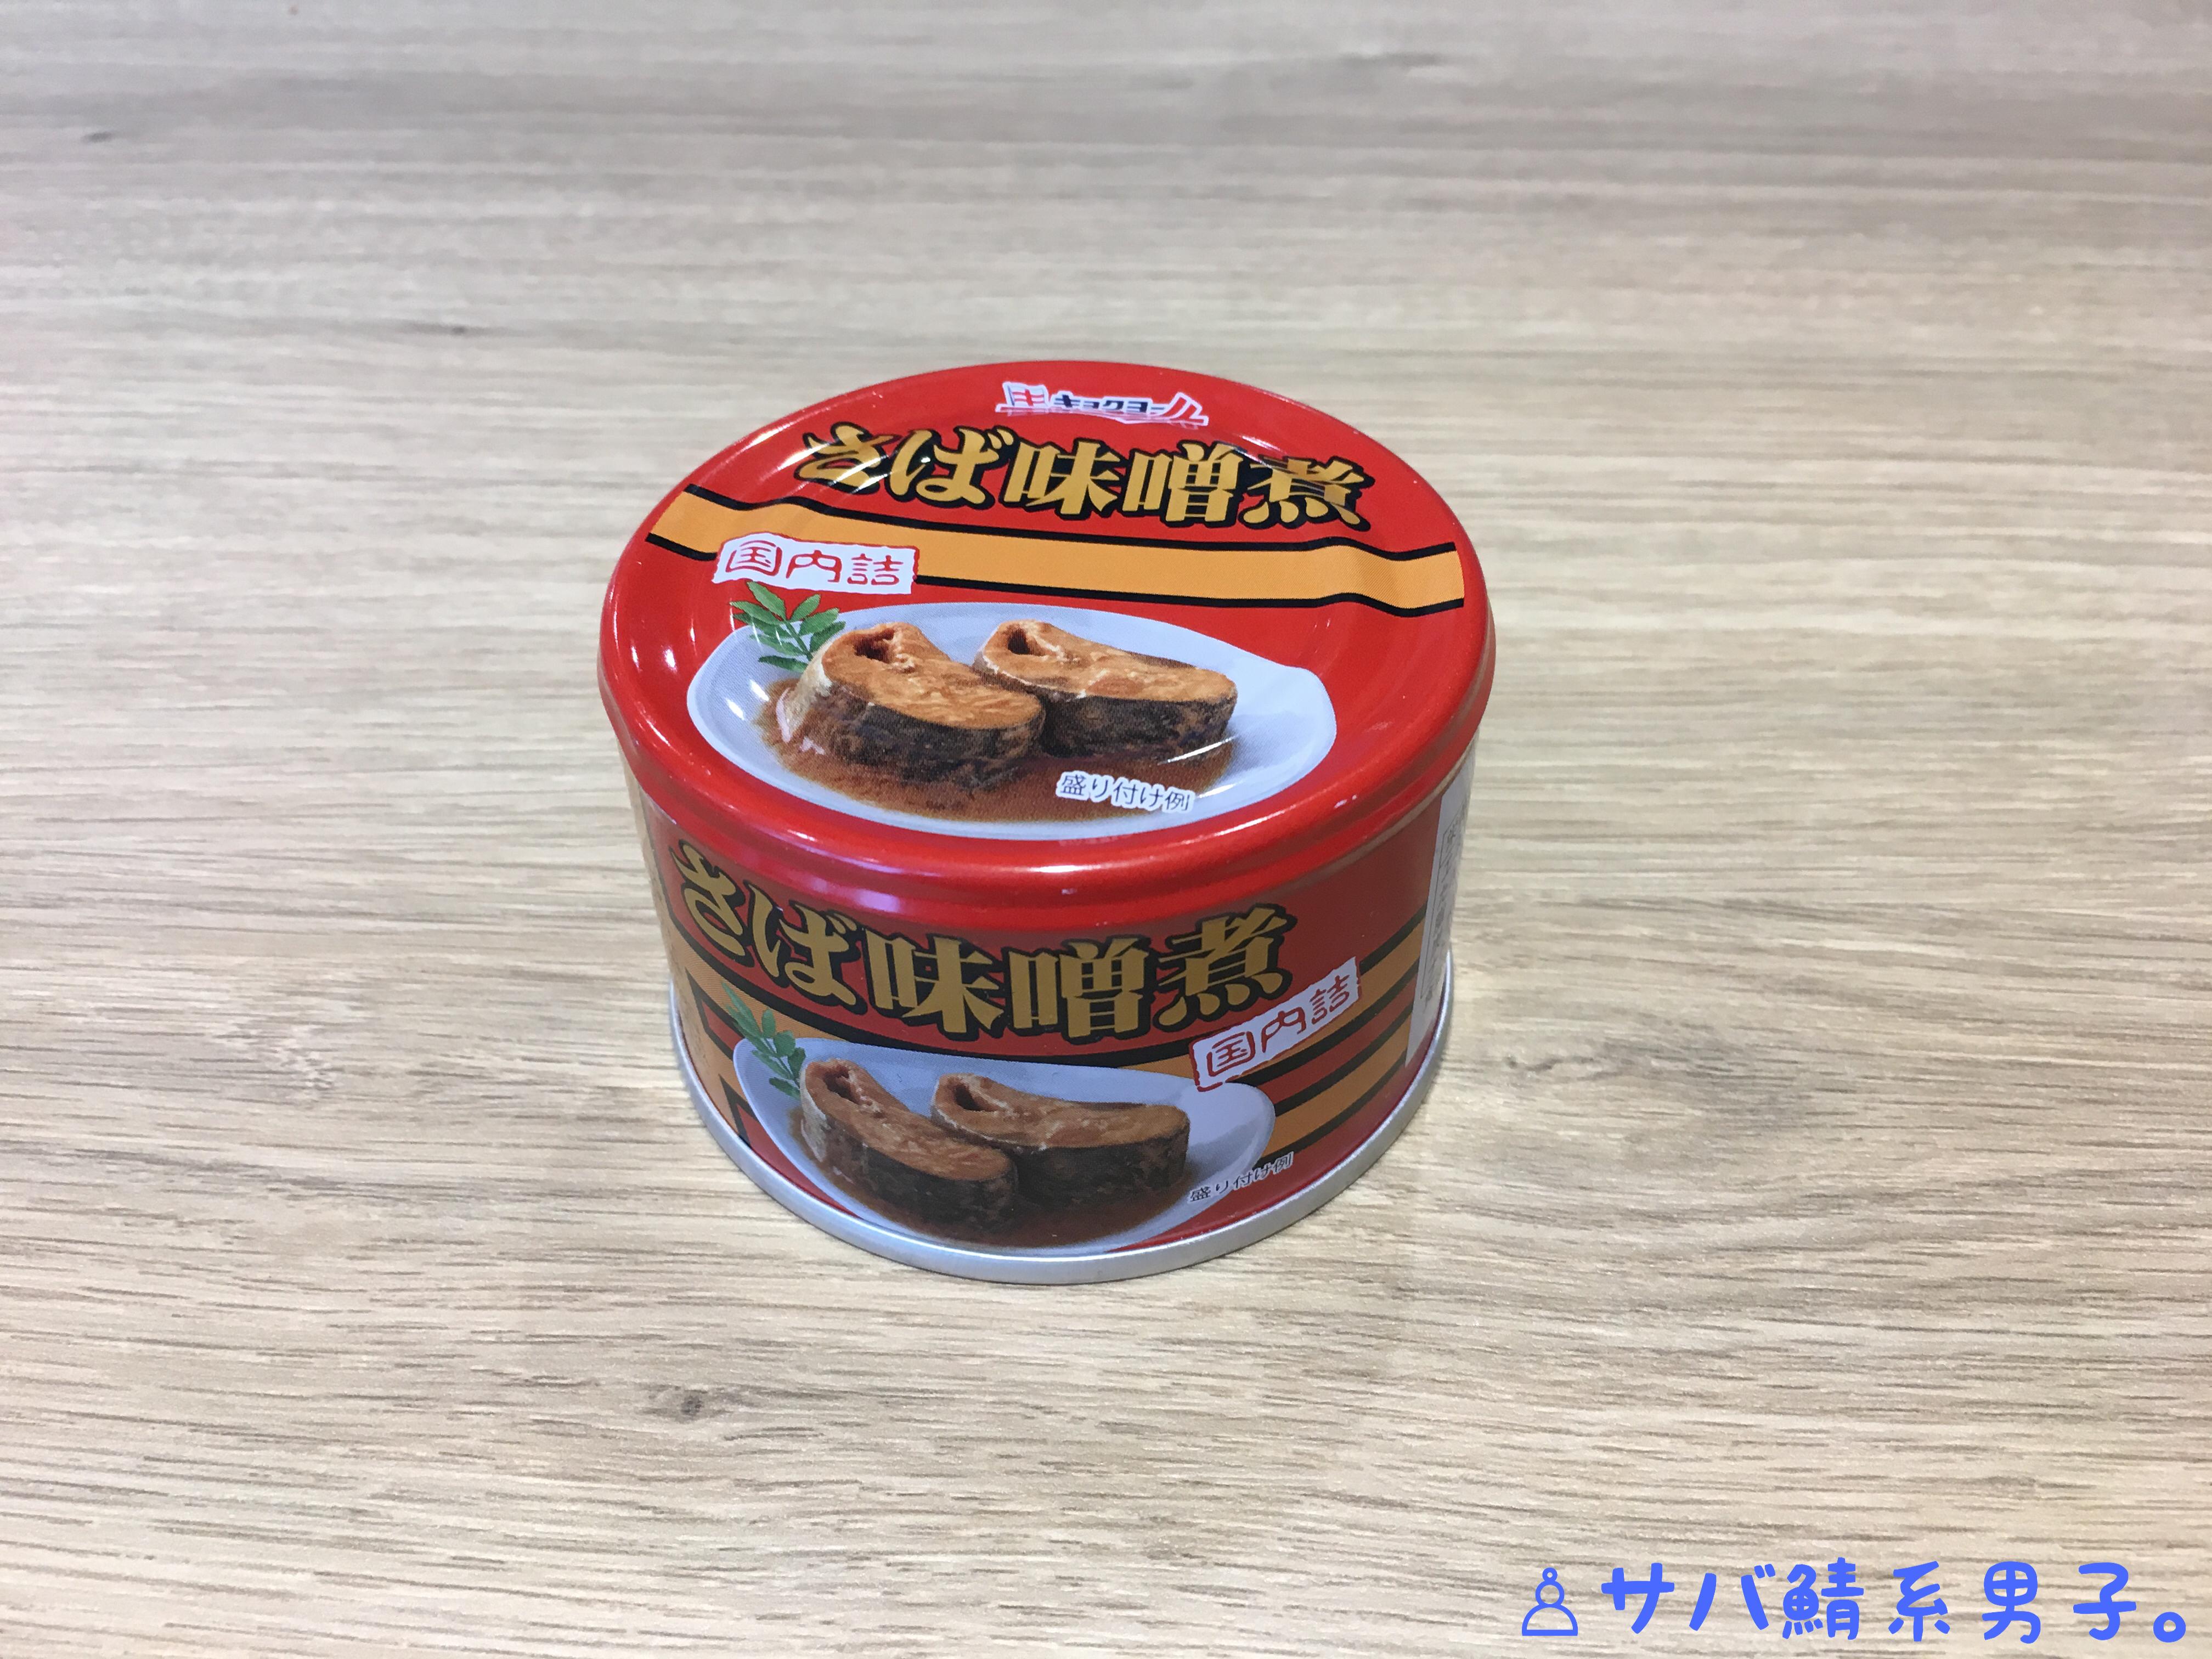 キョクヨー さば味噌煮 さば缶 味